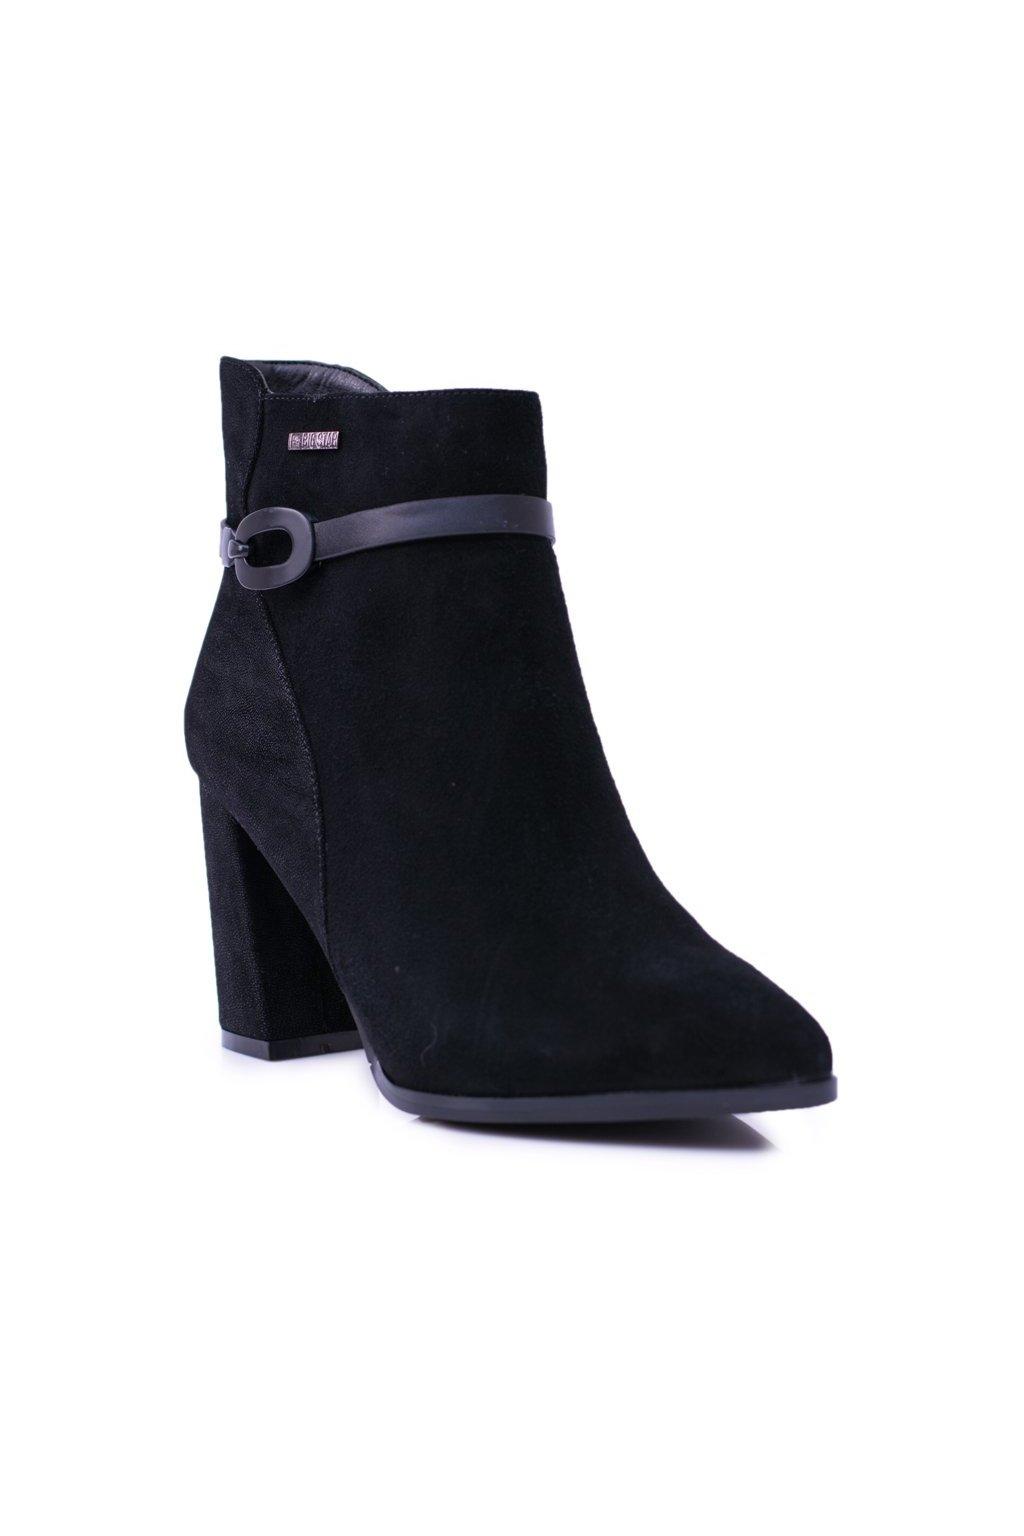 Členkové topánky na podpätku farba čierna kód obuvi BB274383 BLK